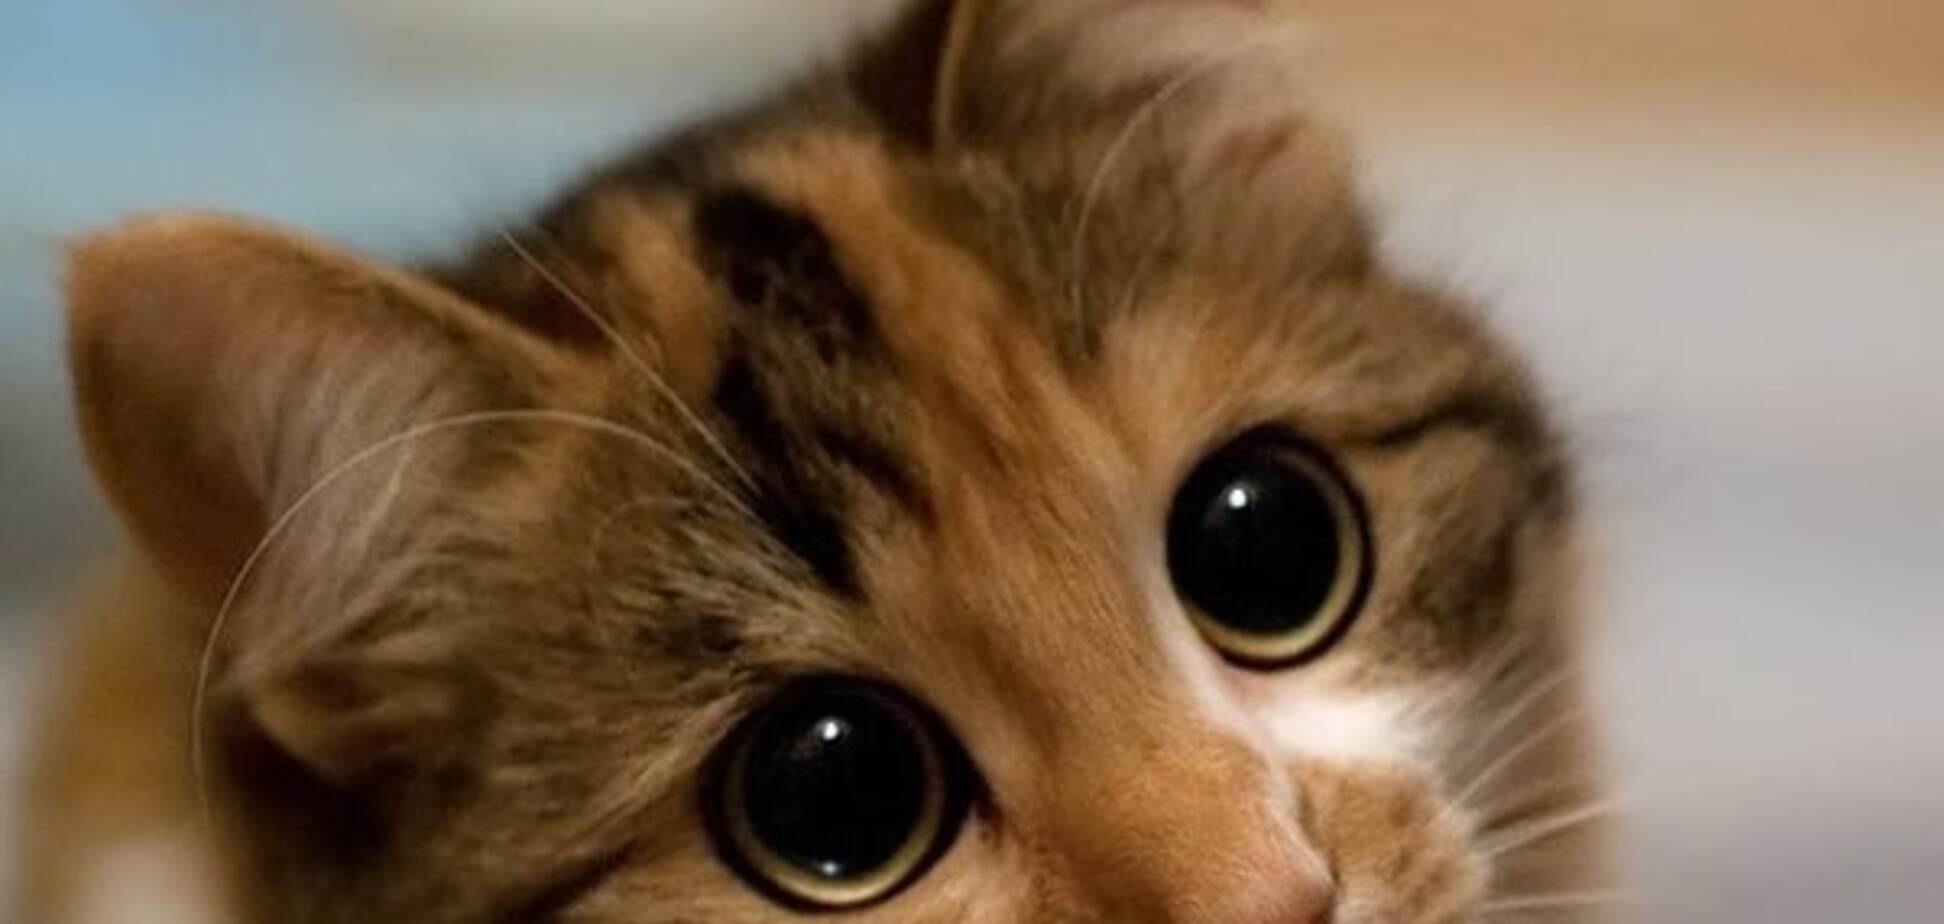 Ненависть к котикам: за что Новая Зеландия невзлюбила милых пушистиков